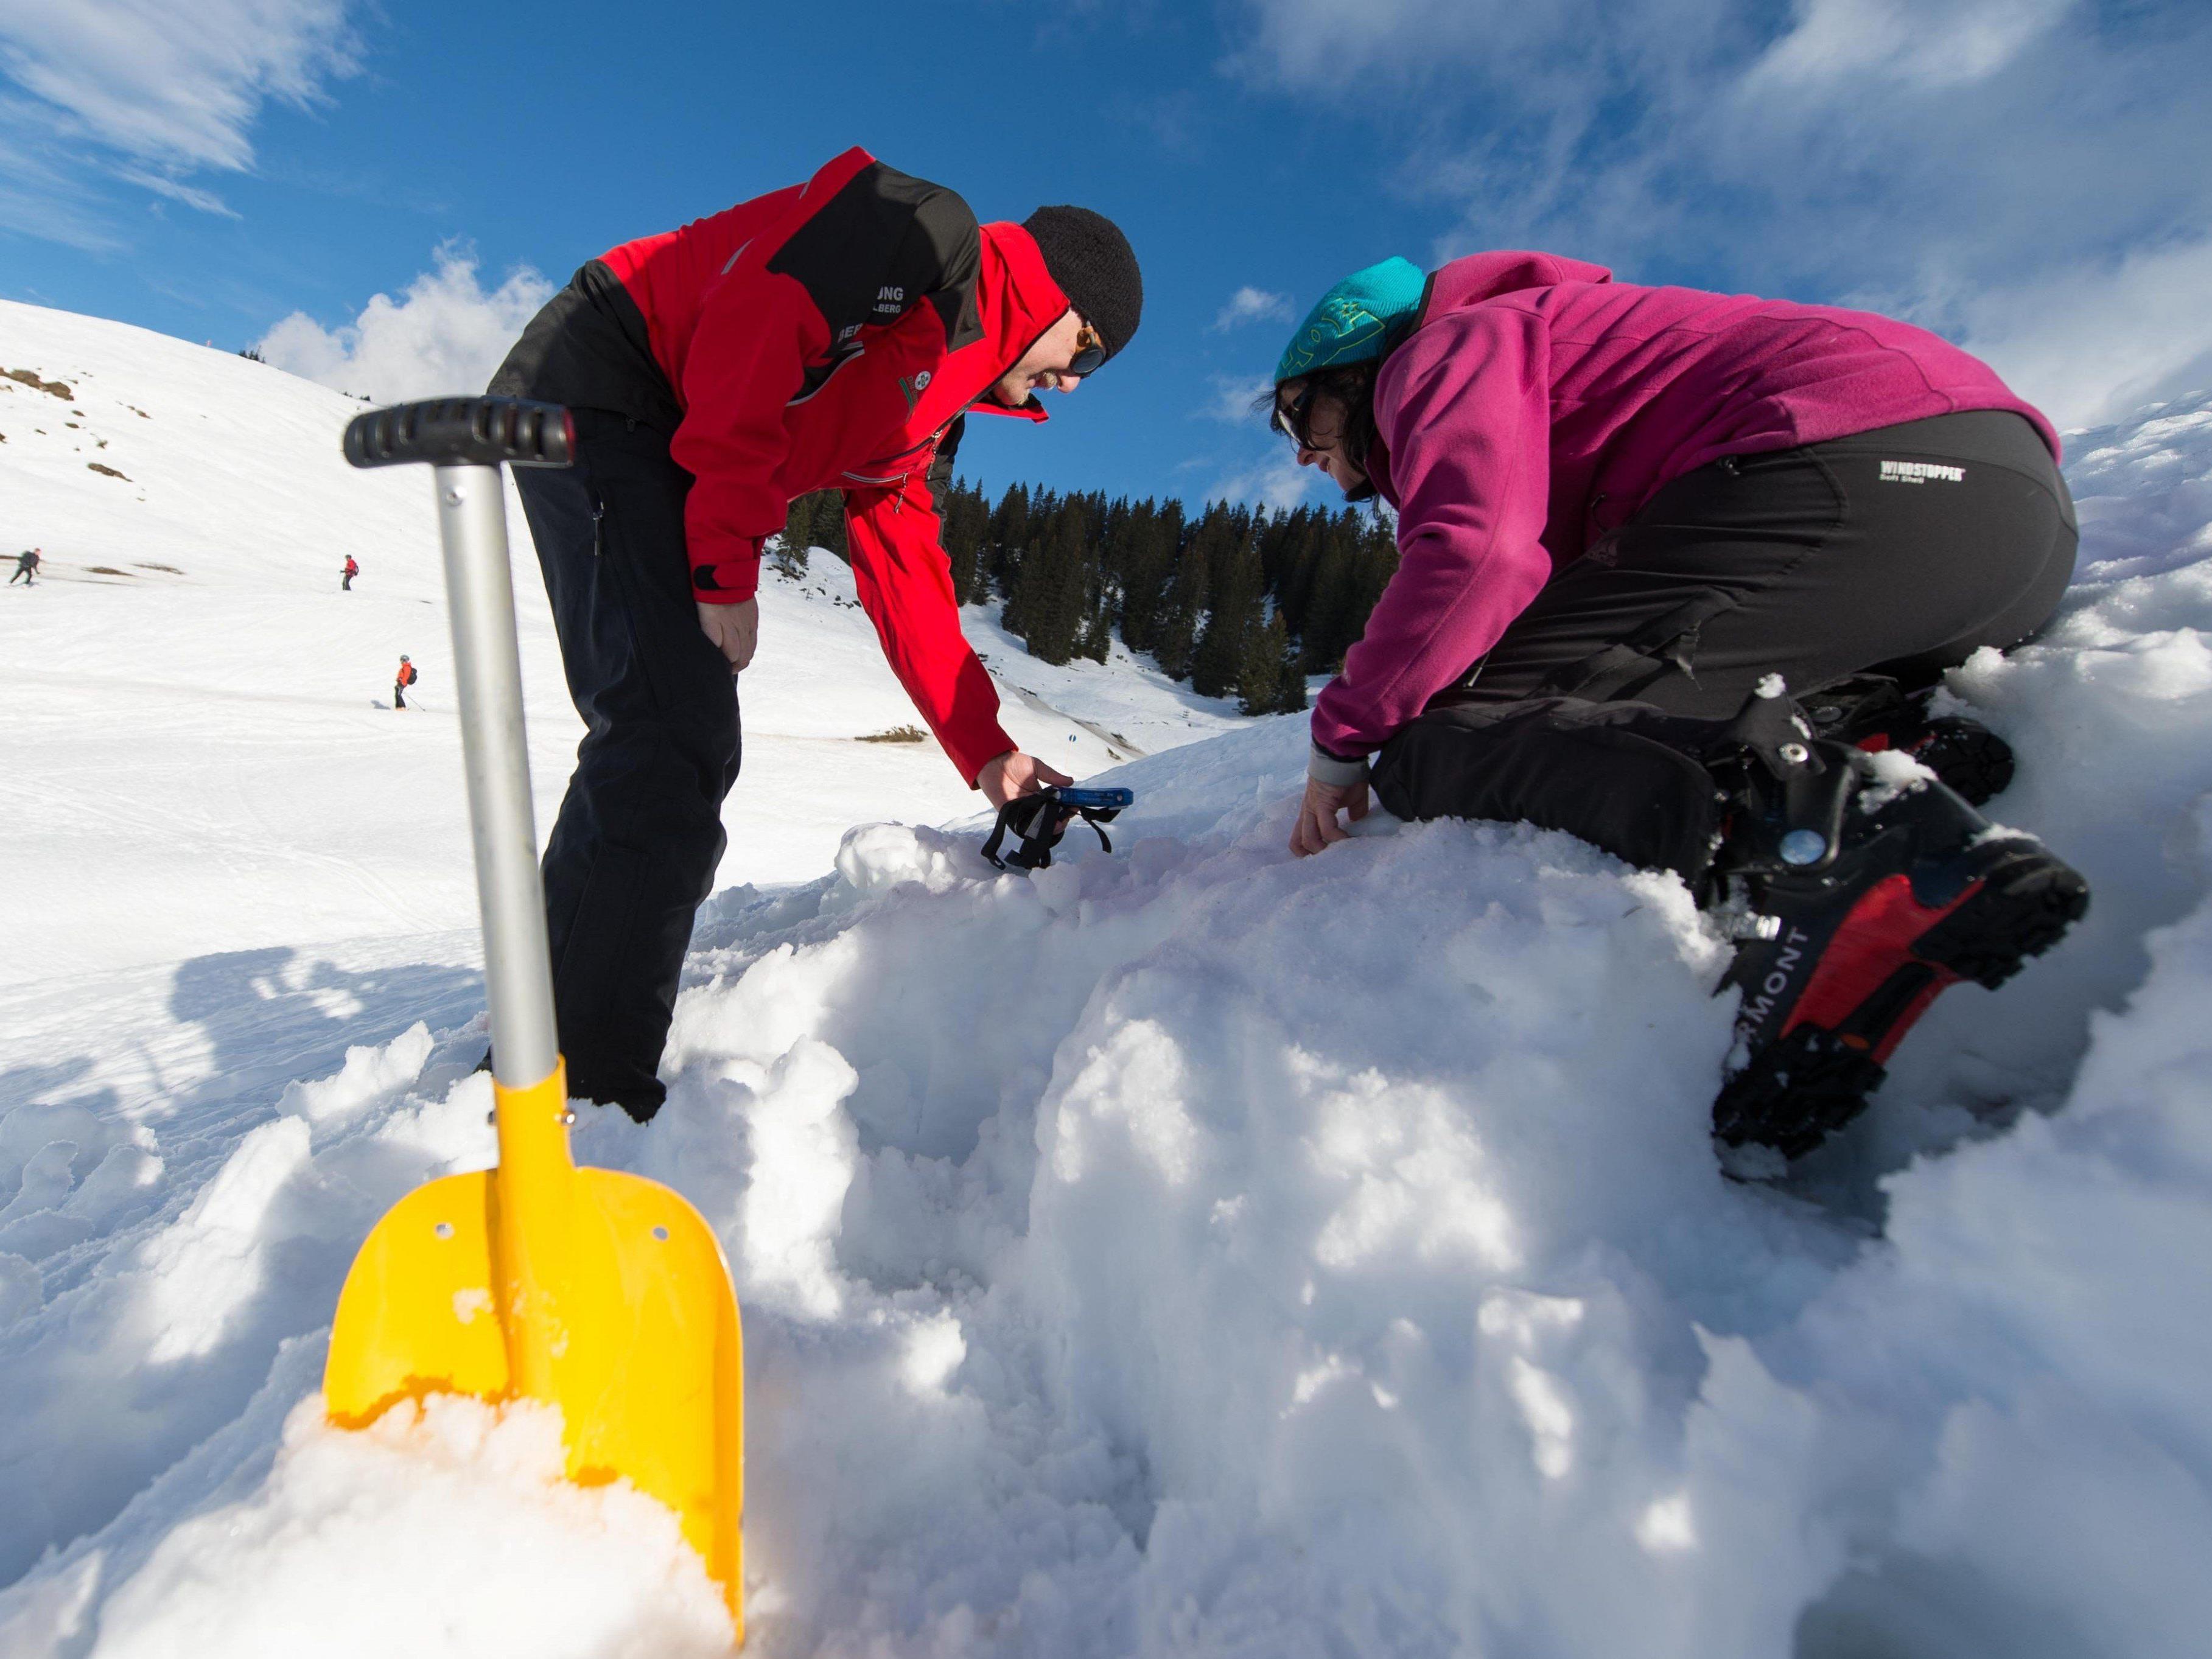 Die Teilnehmer am LVS-Übungstag knieten sich buchstäblich hinein in die kalte Materie. Franz Satler erklärte geduldig.